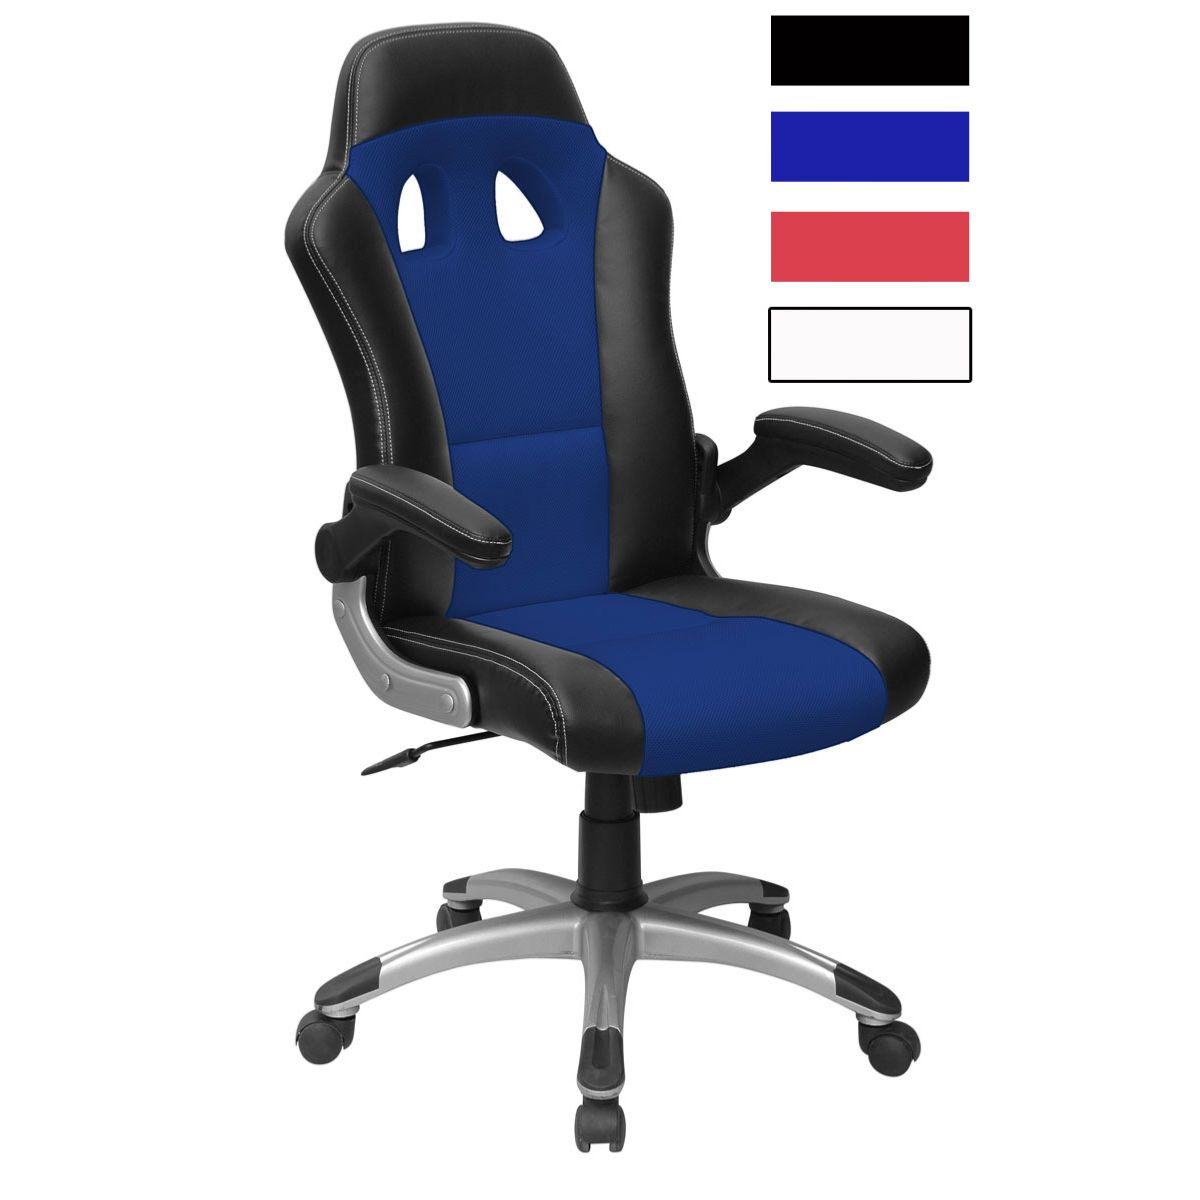 GAMERS - Siege de bureau baquet 7 coloris - Noir et Bleu